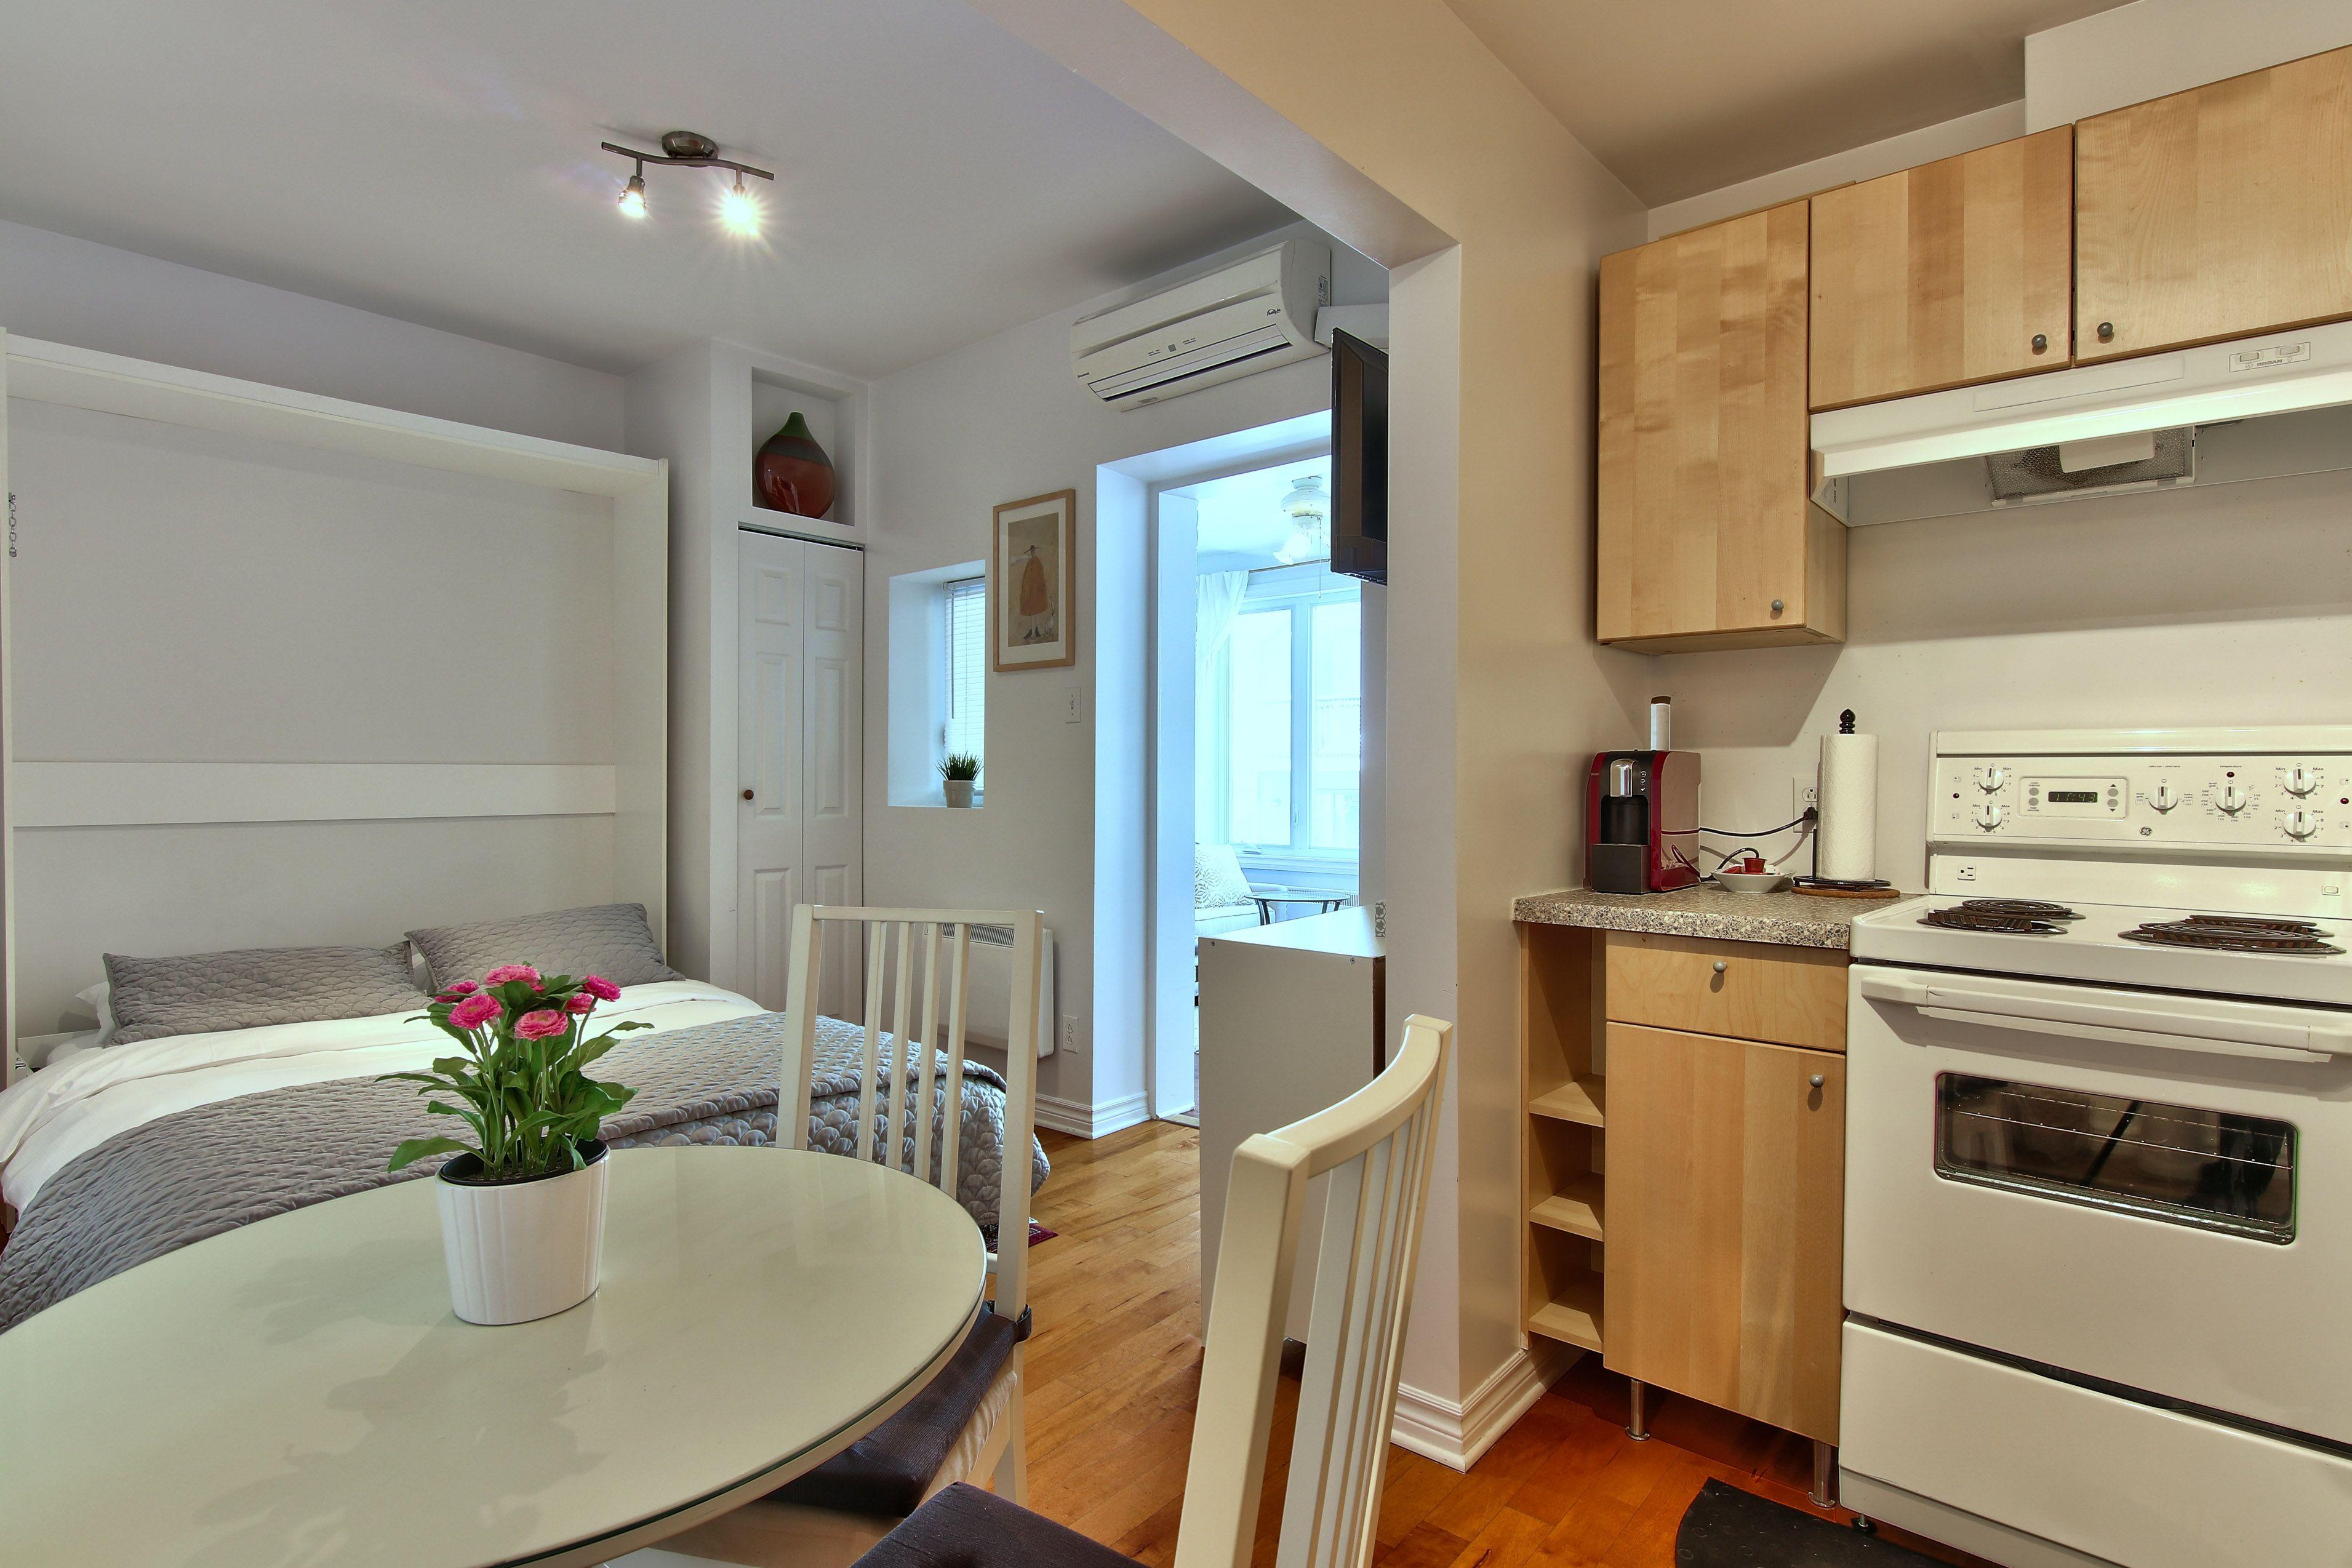 hotel-proche-palais-des-congres-montreal-appartement-vue-jardin-cuisine-chambre-table-a-manger